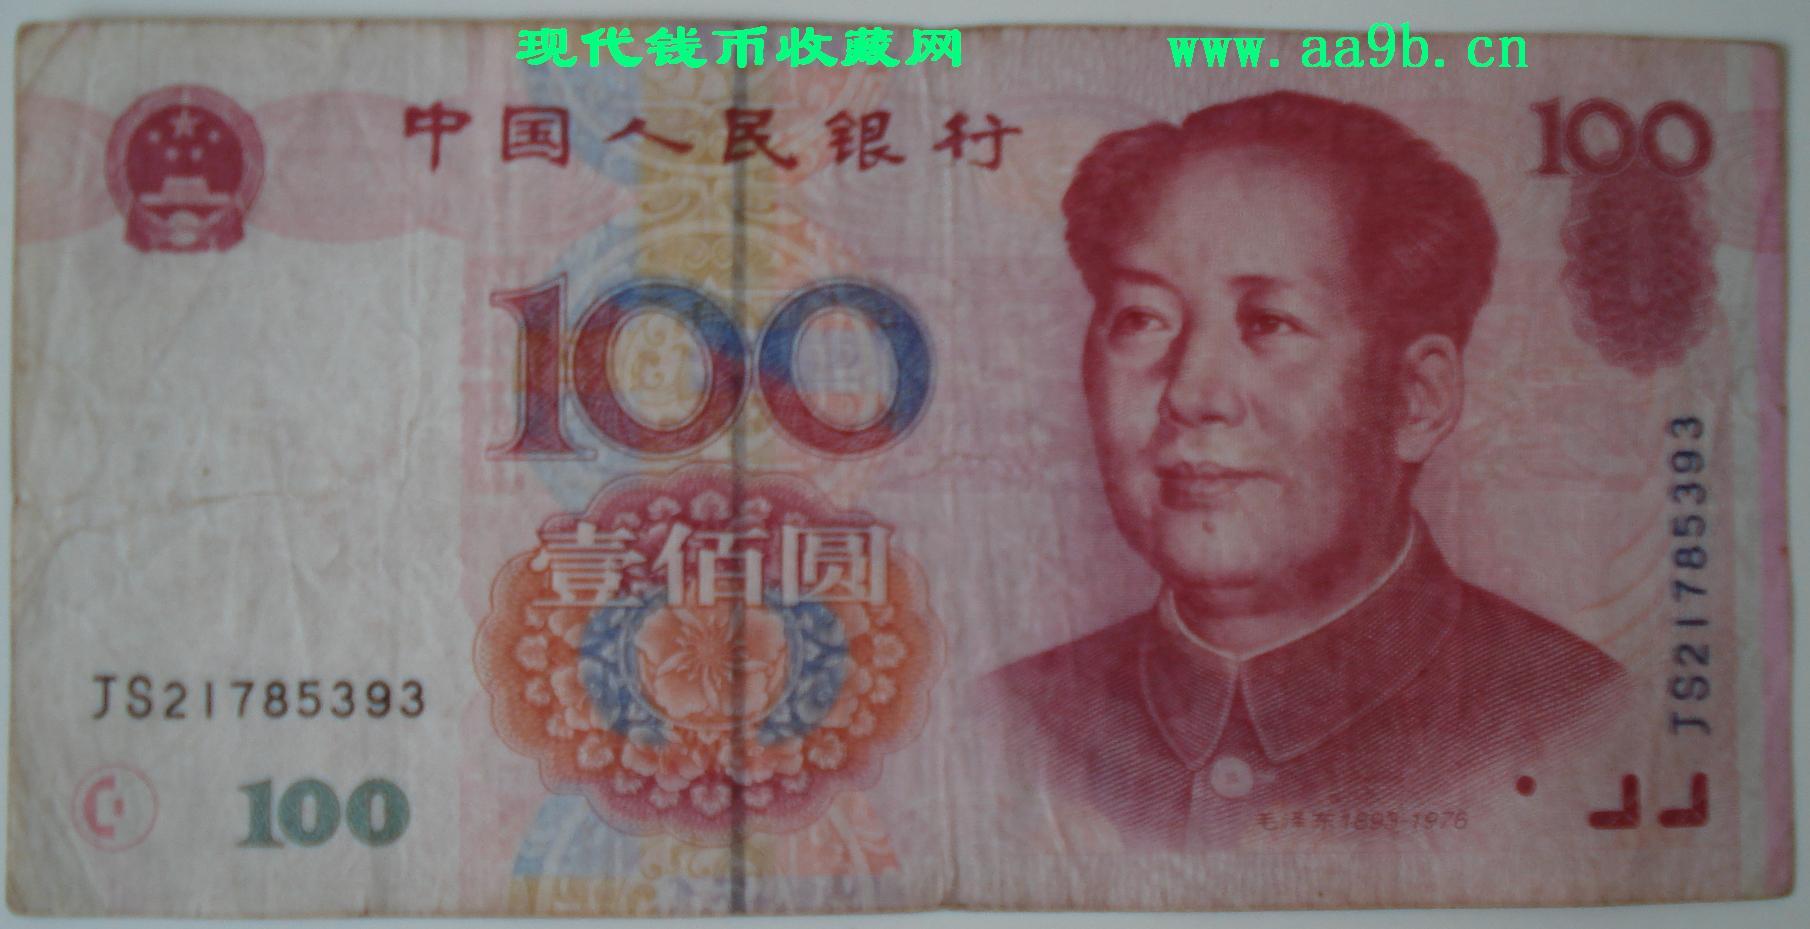 1999年100元错版人民币一张 错版钱币出售